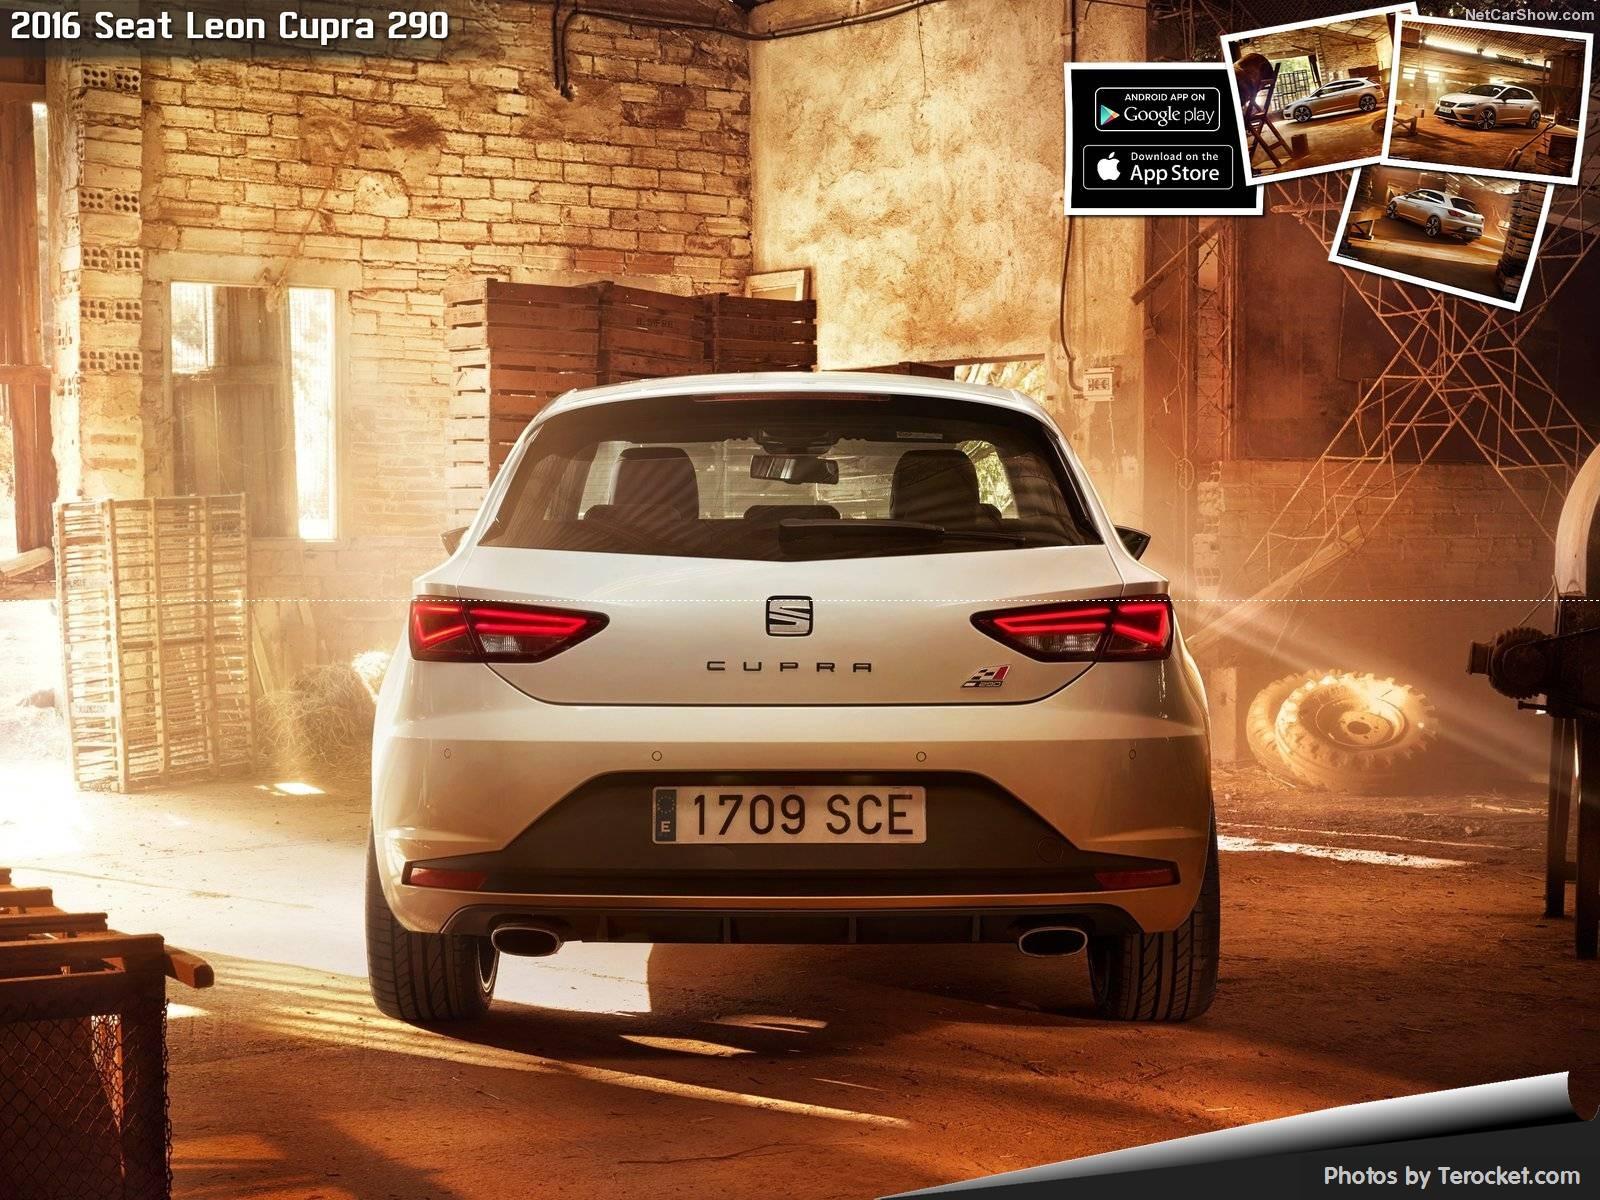 Hình ảnh xe ô tô Seat Leon Cupra 290 2016 & nội ngoại thất